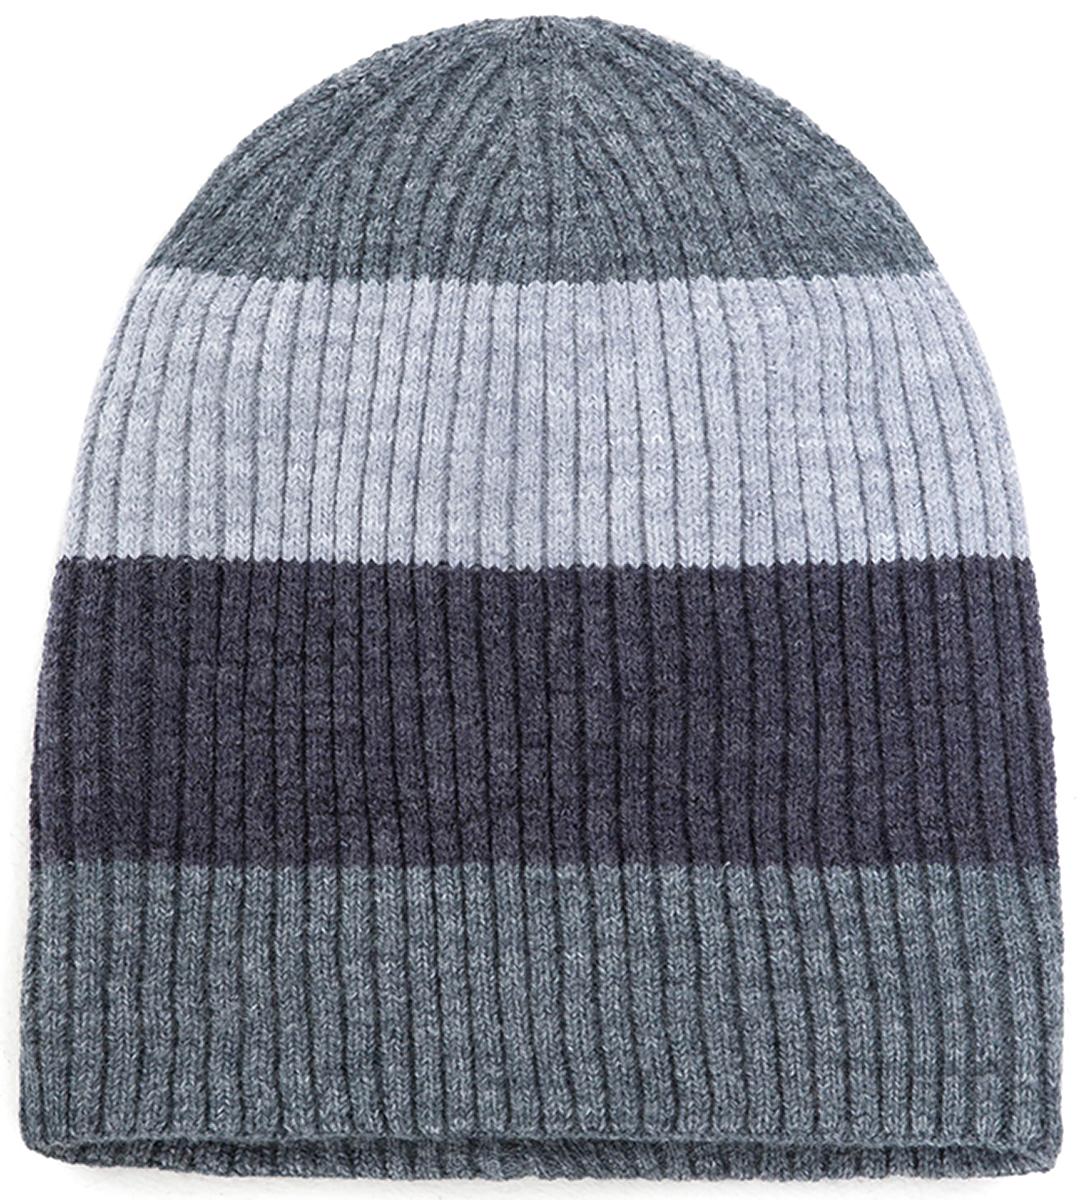 Шапка для мальчика Acoola Rello, цвет: серый. 20136400038. Размер S (50/52)20136400038Детская шапка от Acoola выполнена из эластичной акриловой пряжи. Такая шапка согреет вашего ребенка в холодное время года.